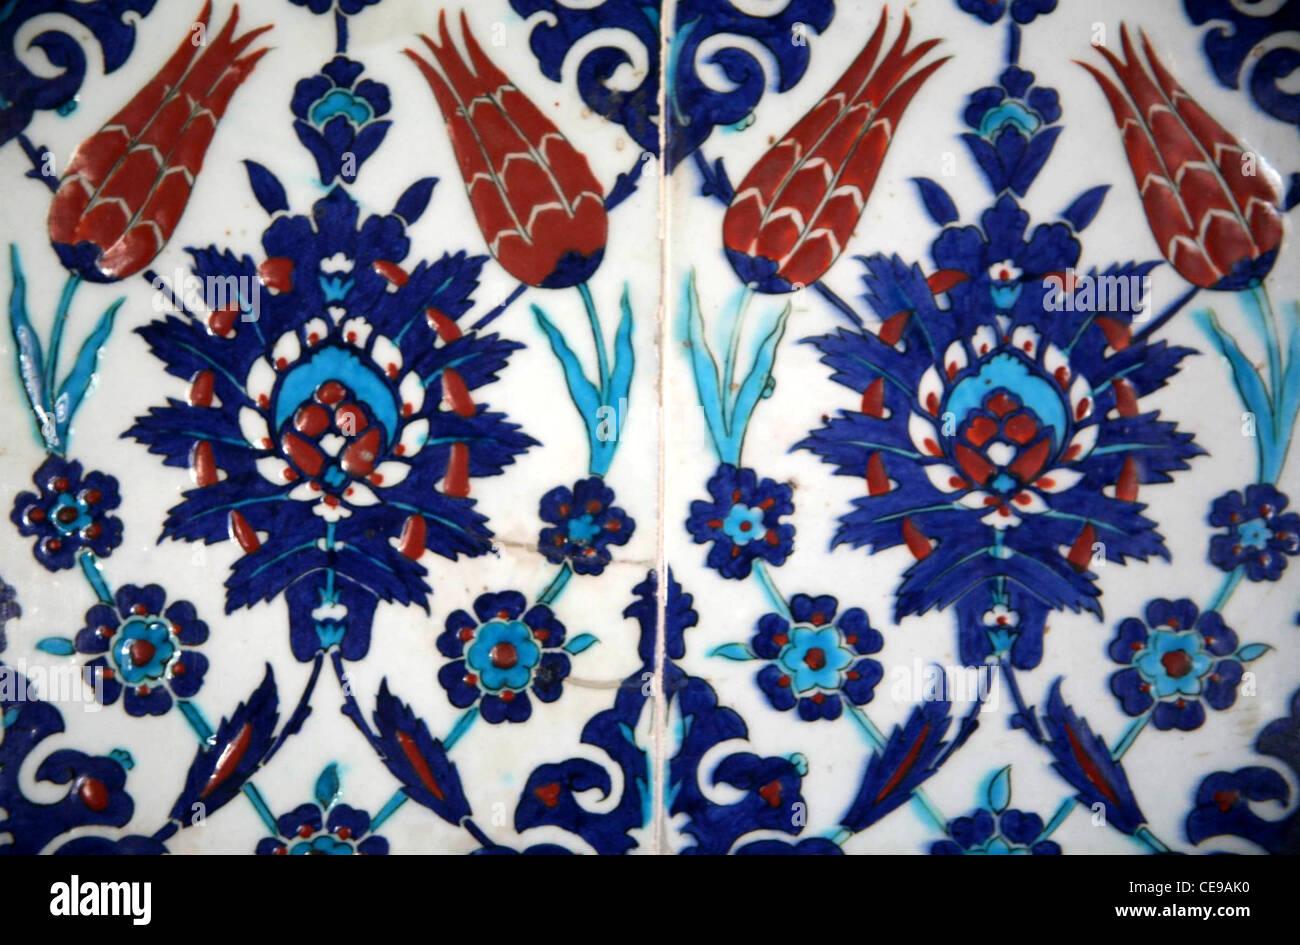 Iznik piastrelle con bagno turco i tulipani in un ricco disegno